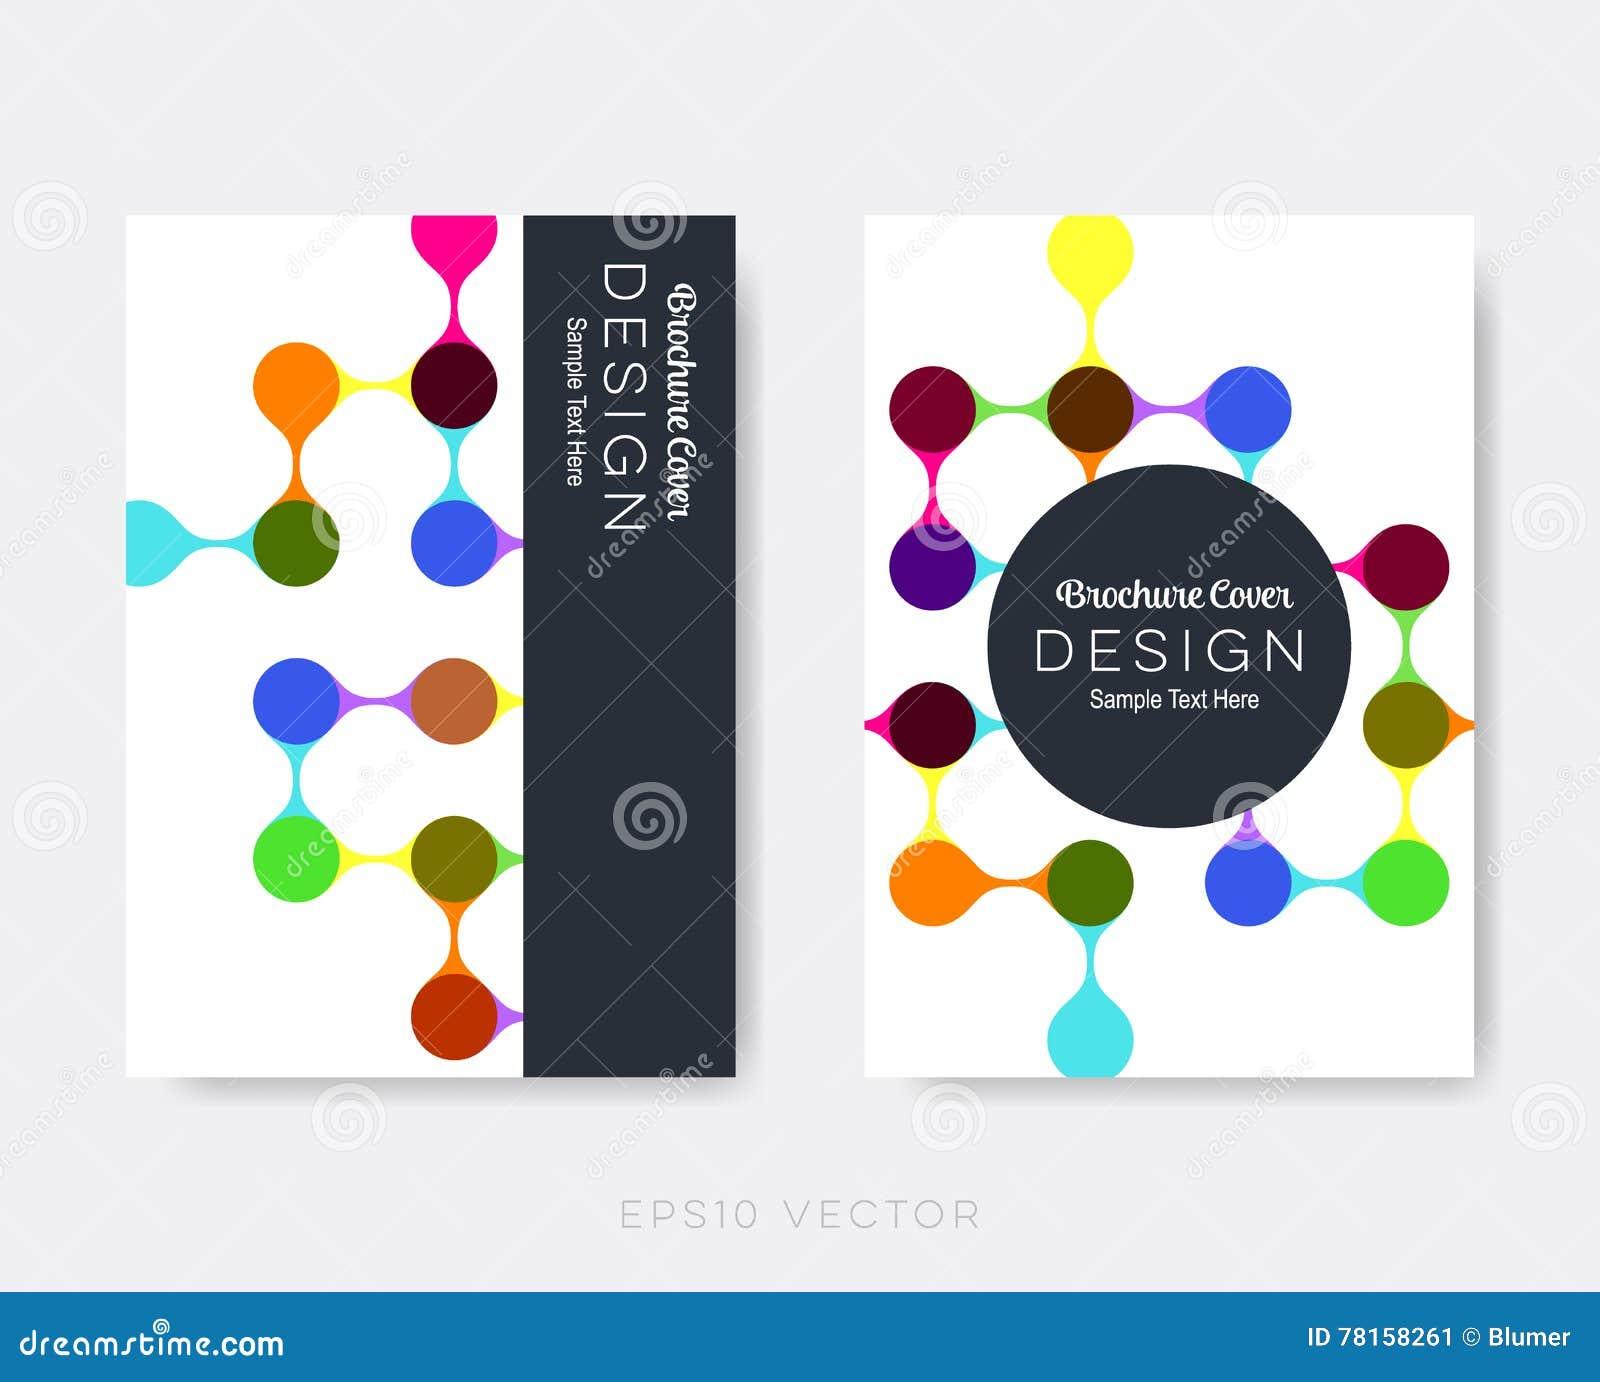 Creative Modern Brochure Design Templates Stock Vector